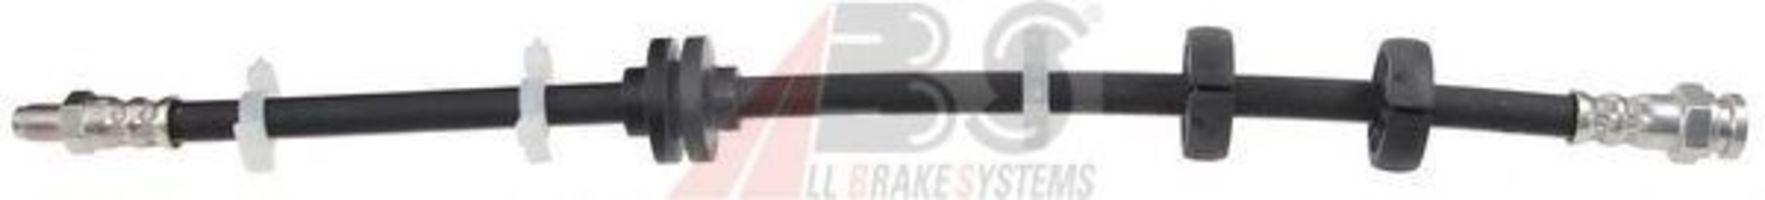 Шланг тормозной A.B.S. SL 4867